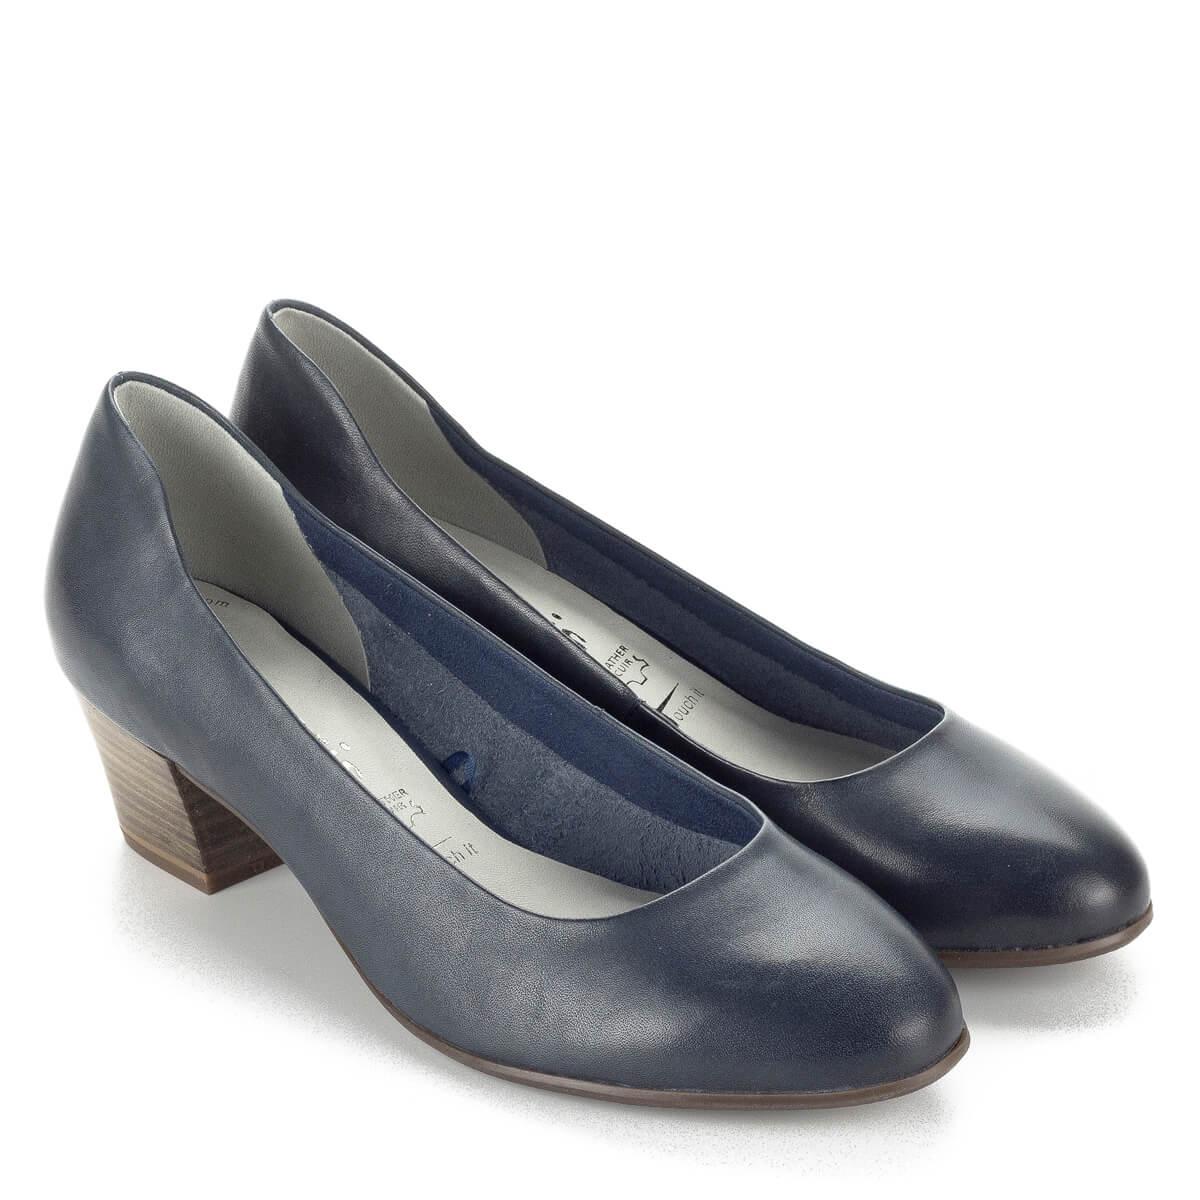 2881d16b0cf Tamaris kék női cipő kényelmes AntiShokk sarokkal. 4,5 cm magas,  memóriahabos Touch ...